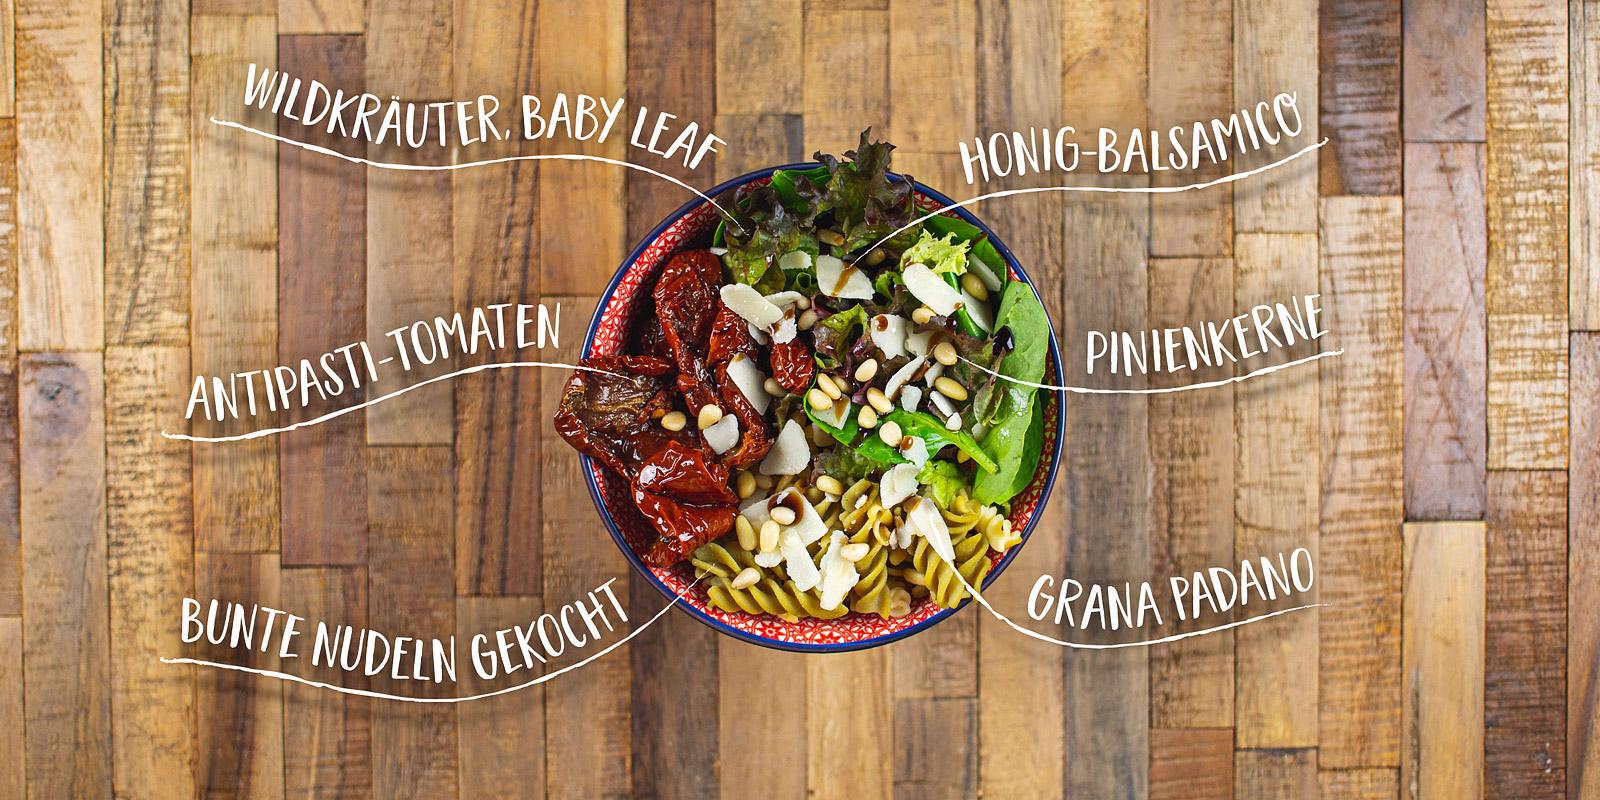 Salat Bowl mit Wildkraueter, Baby Leaf, Antipasti Tomaten, bunte Nudeln, Pinienkerne, Grana Padano und Honig Balsamico Dressing